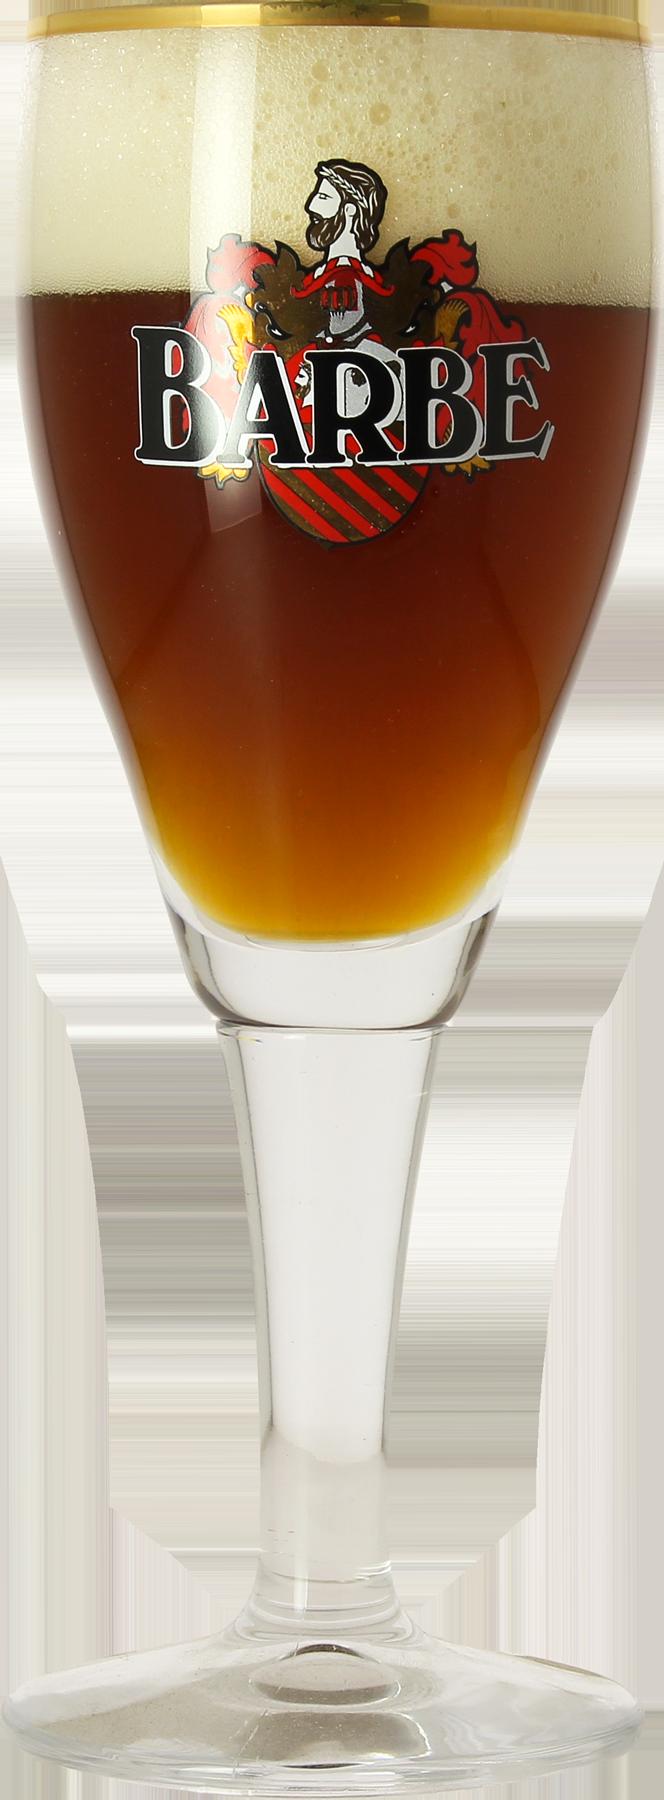 Barbe Verhaeghe copa de tulipán - 33cl